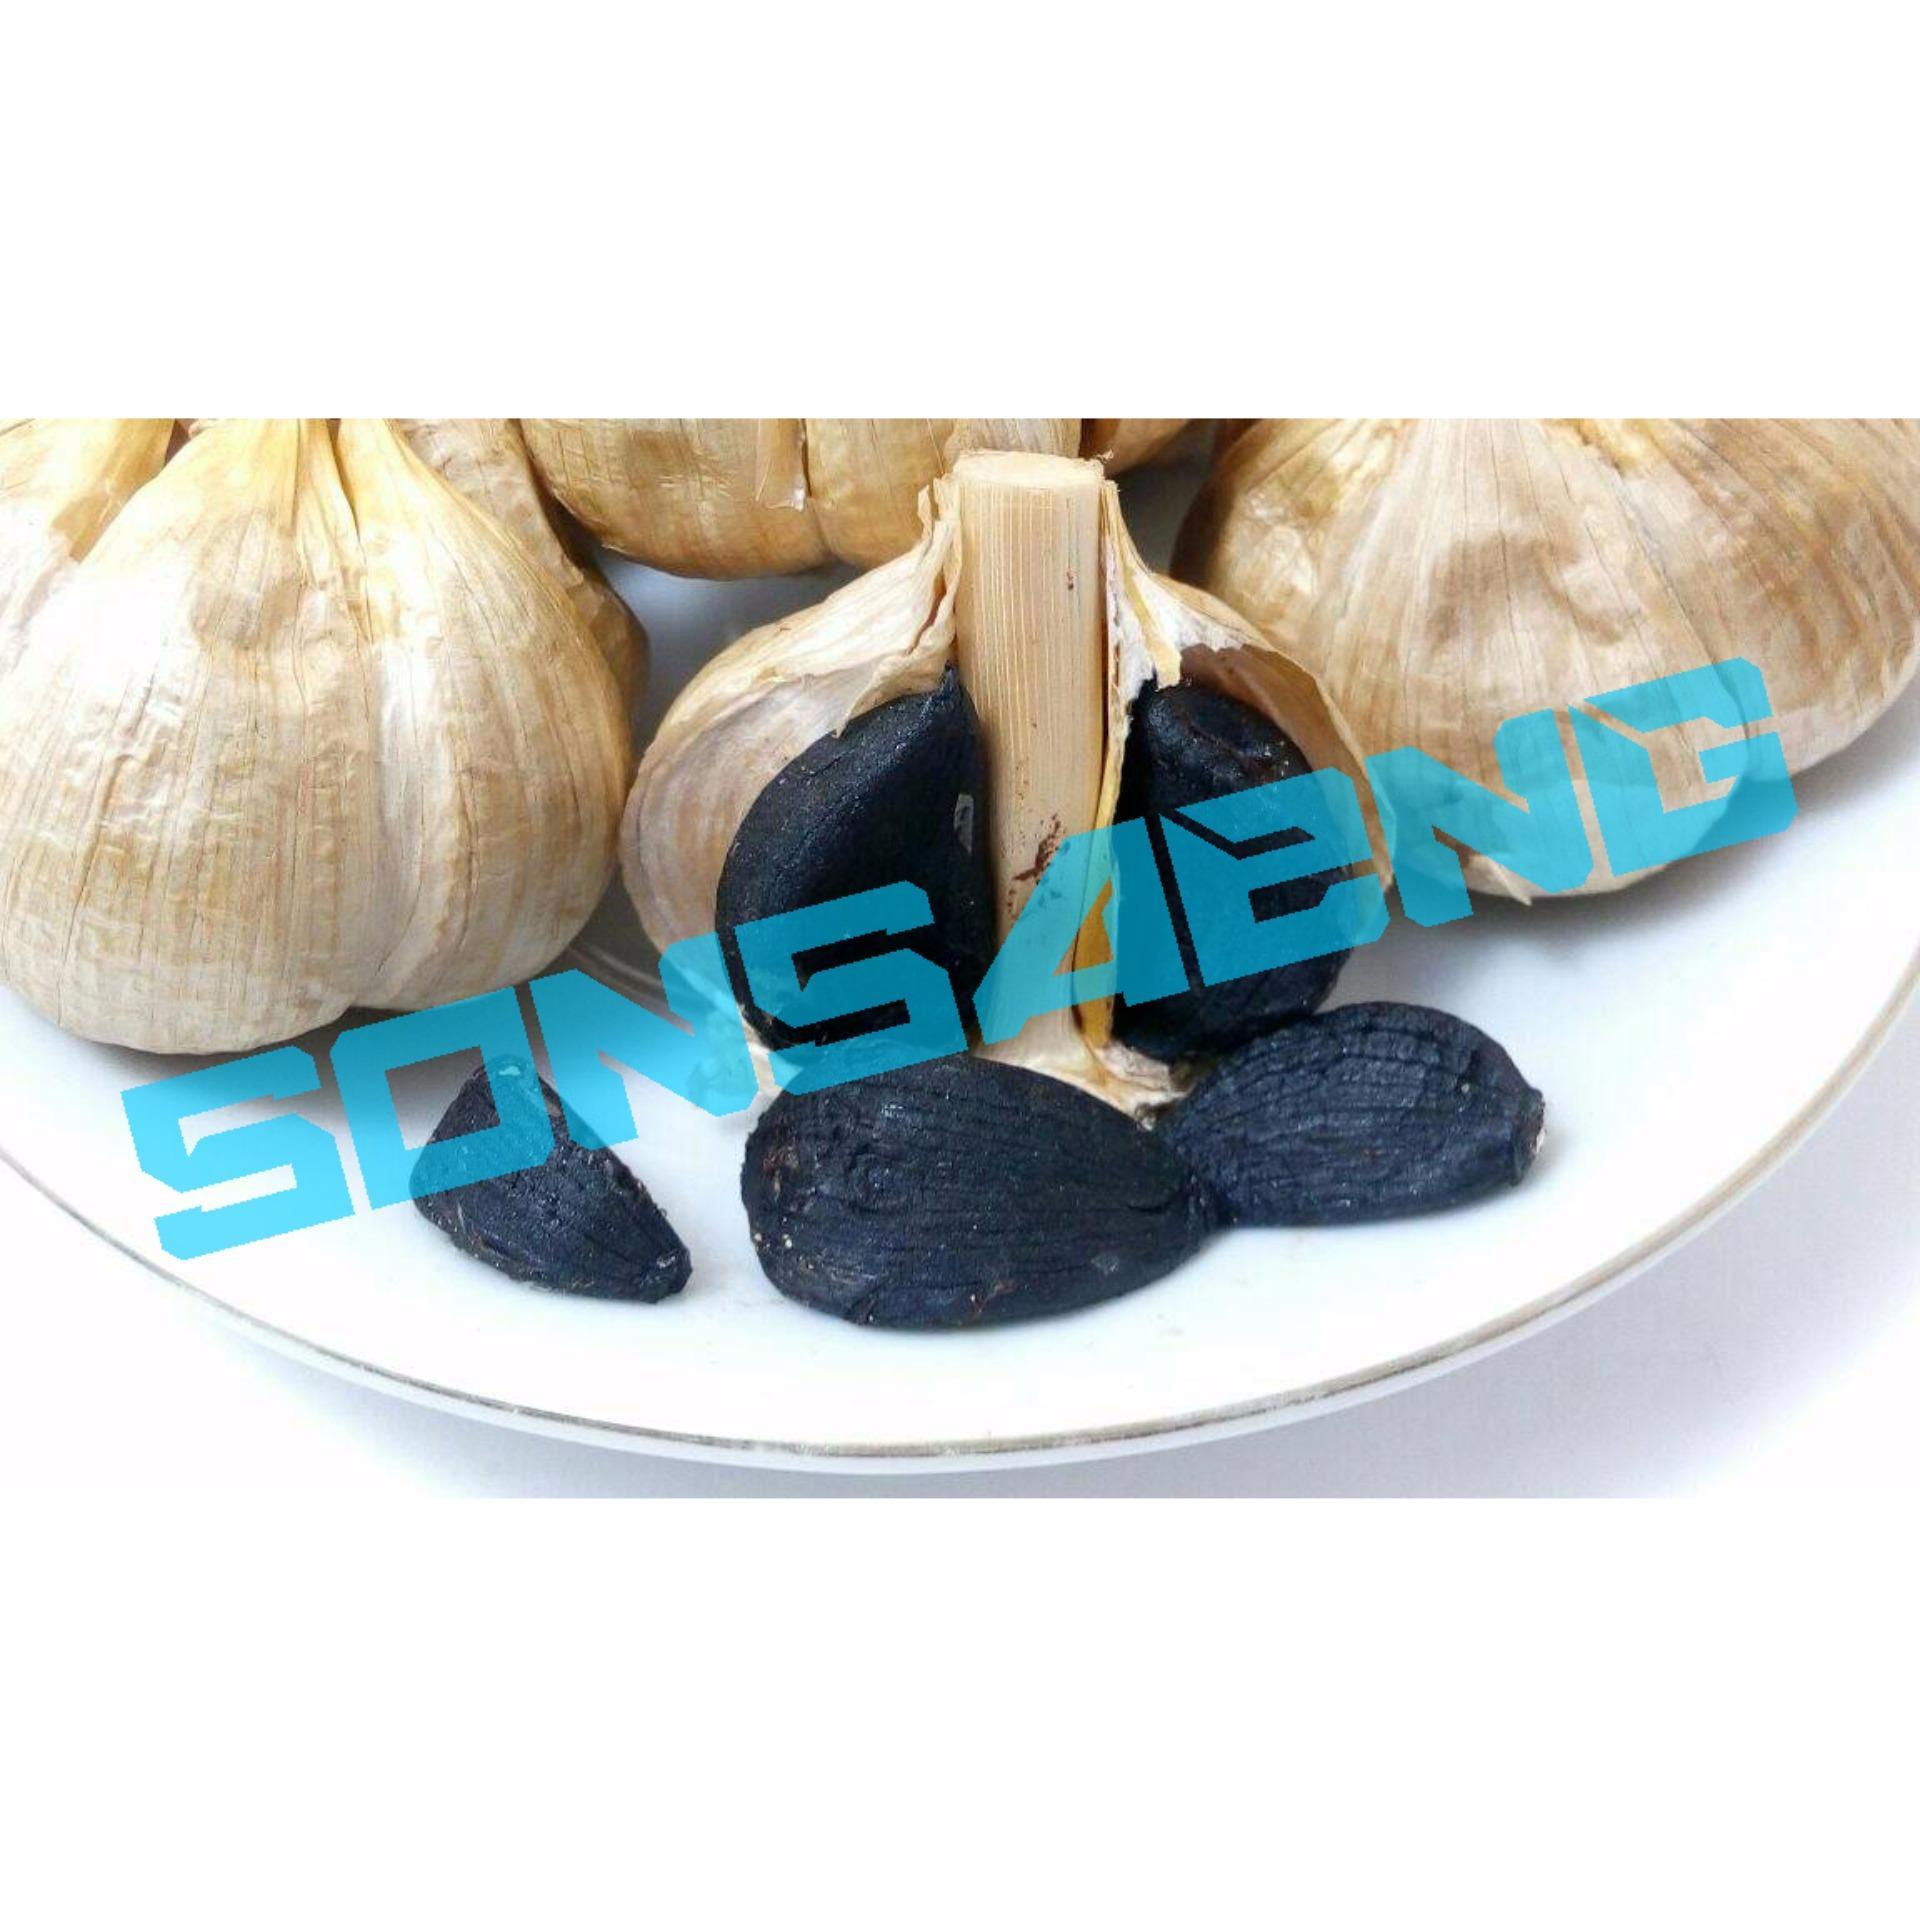 Solo Black Garlic Bawang Hitam Tunggal Lanang 1 Kg Dayak Segar Setengah Kilo Organic Non Alcoholic Sonsaeng